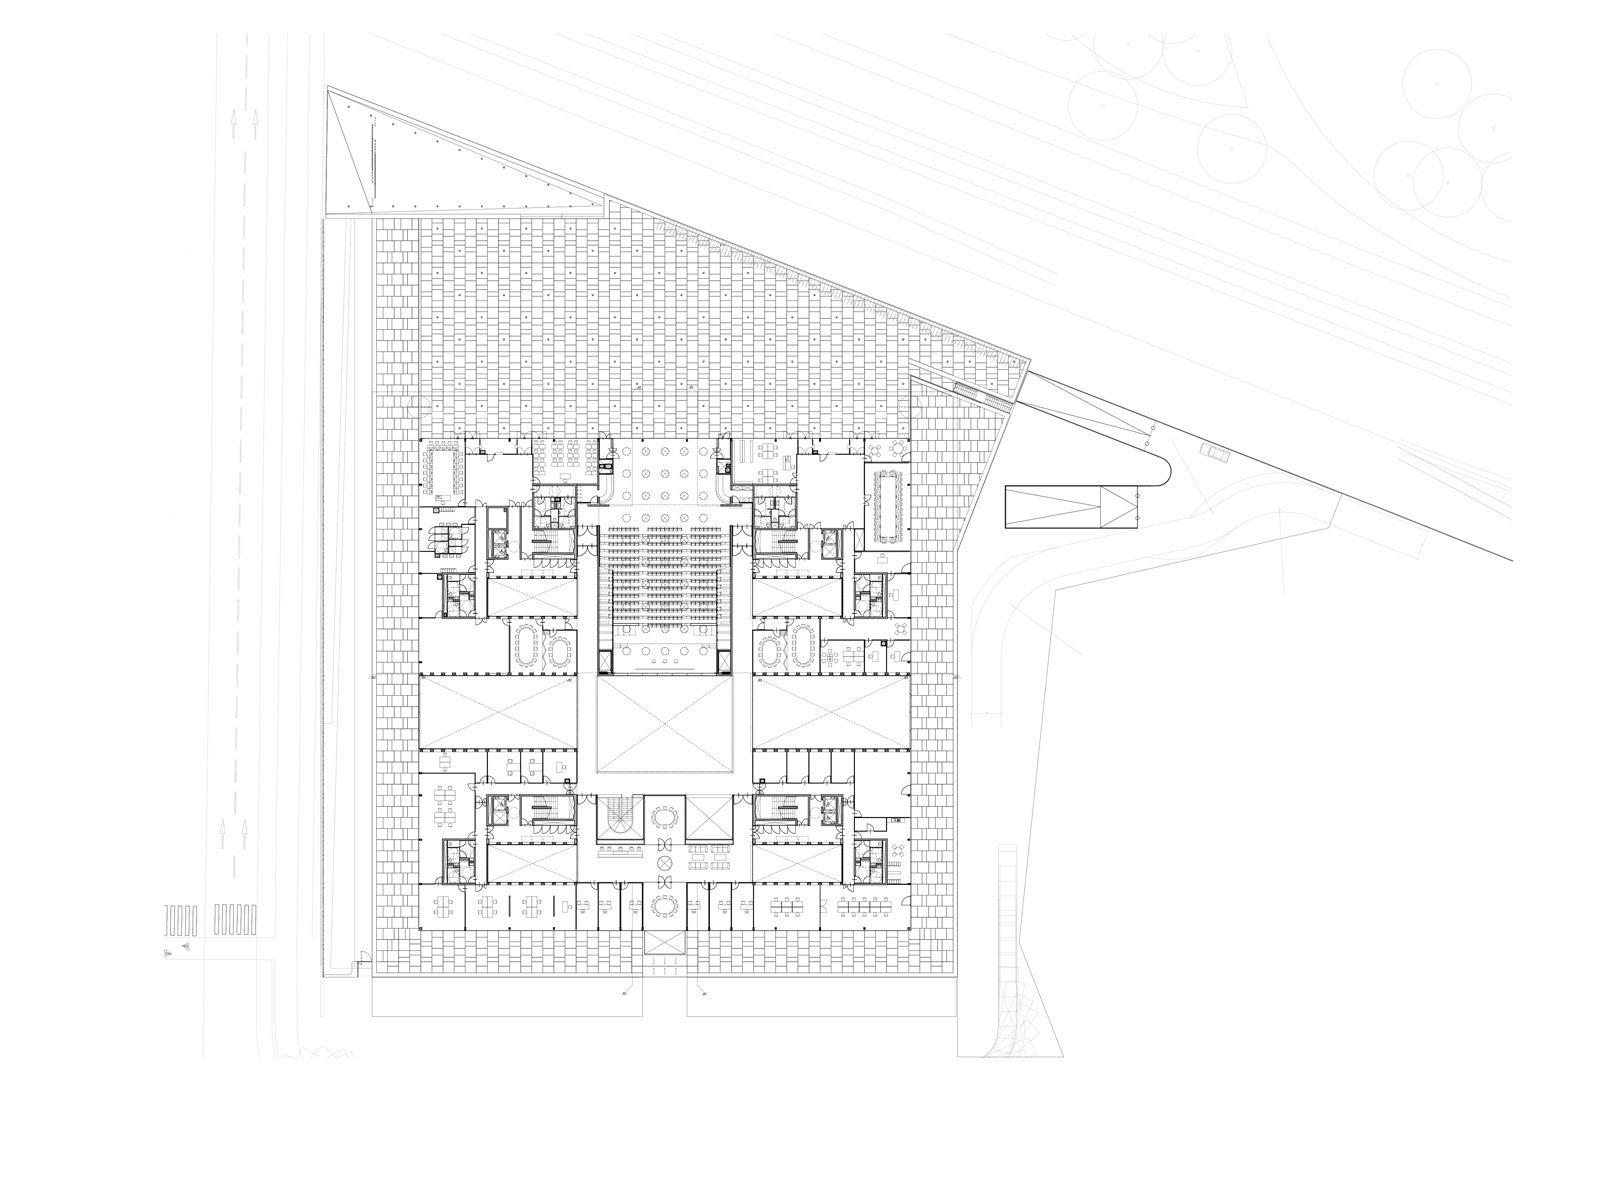 Chambre Des Metiers Et De L Artis Kaan In 2020 Architecture